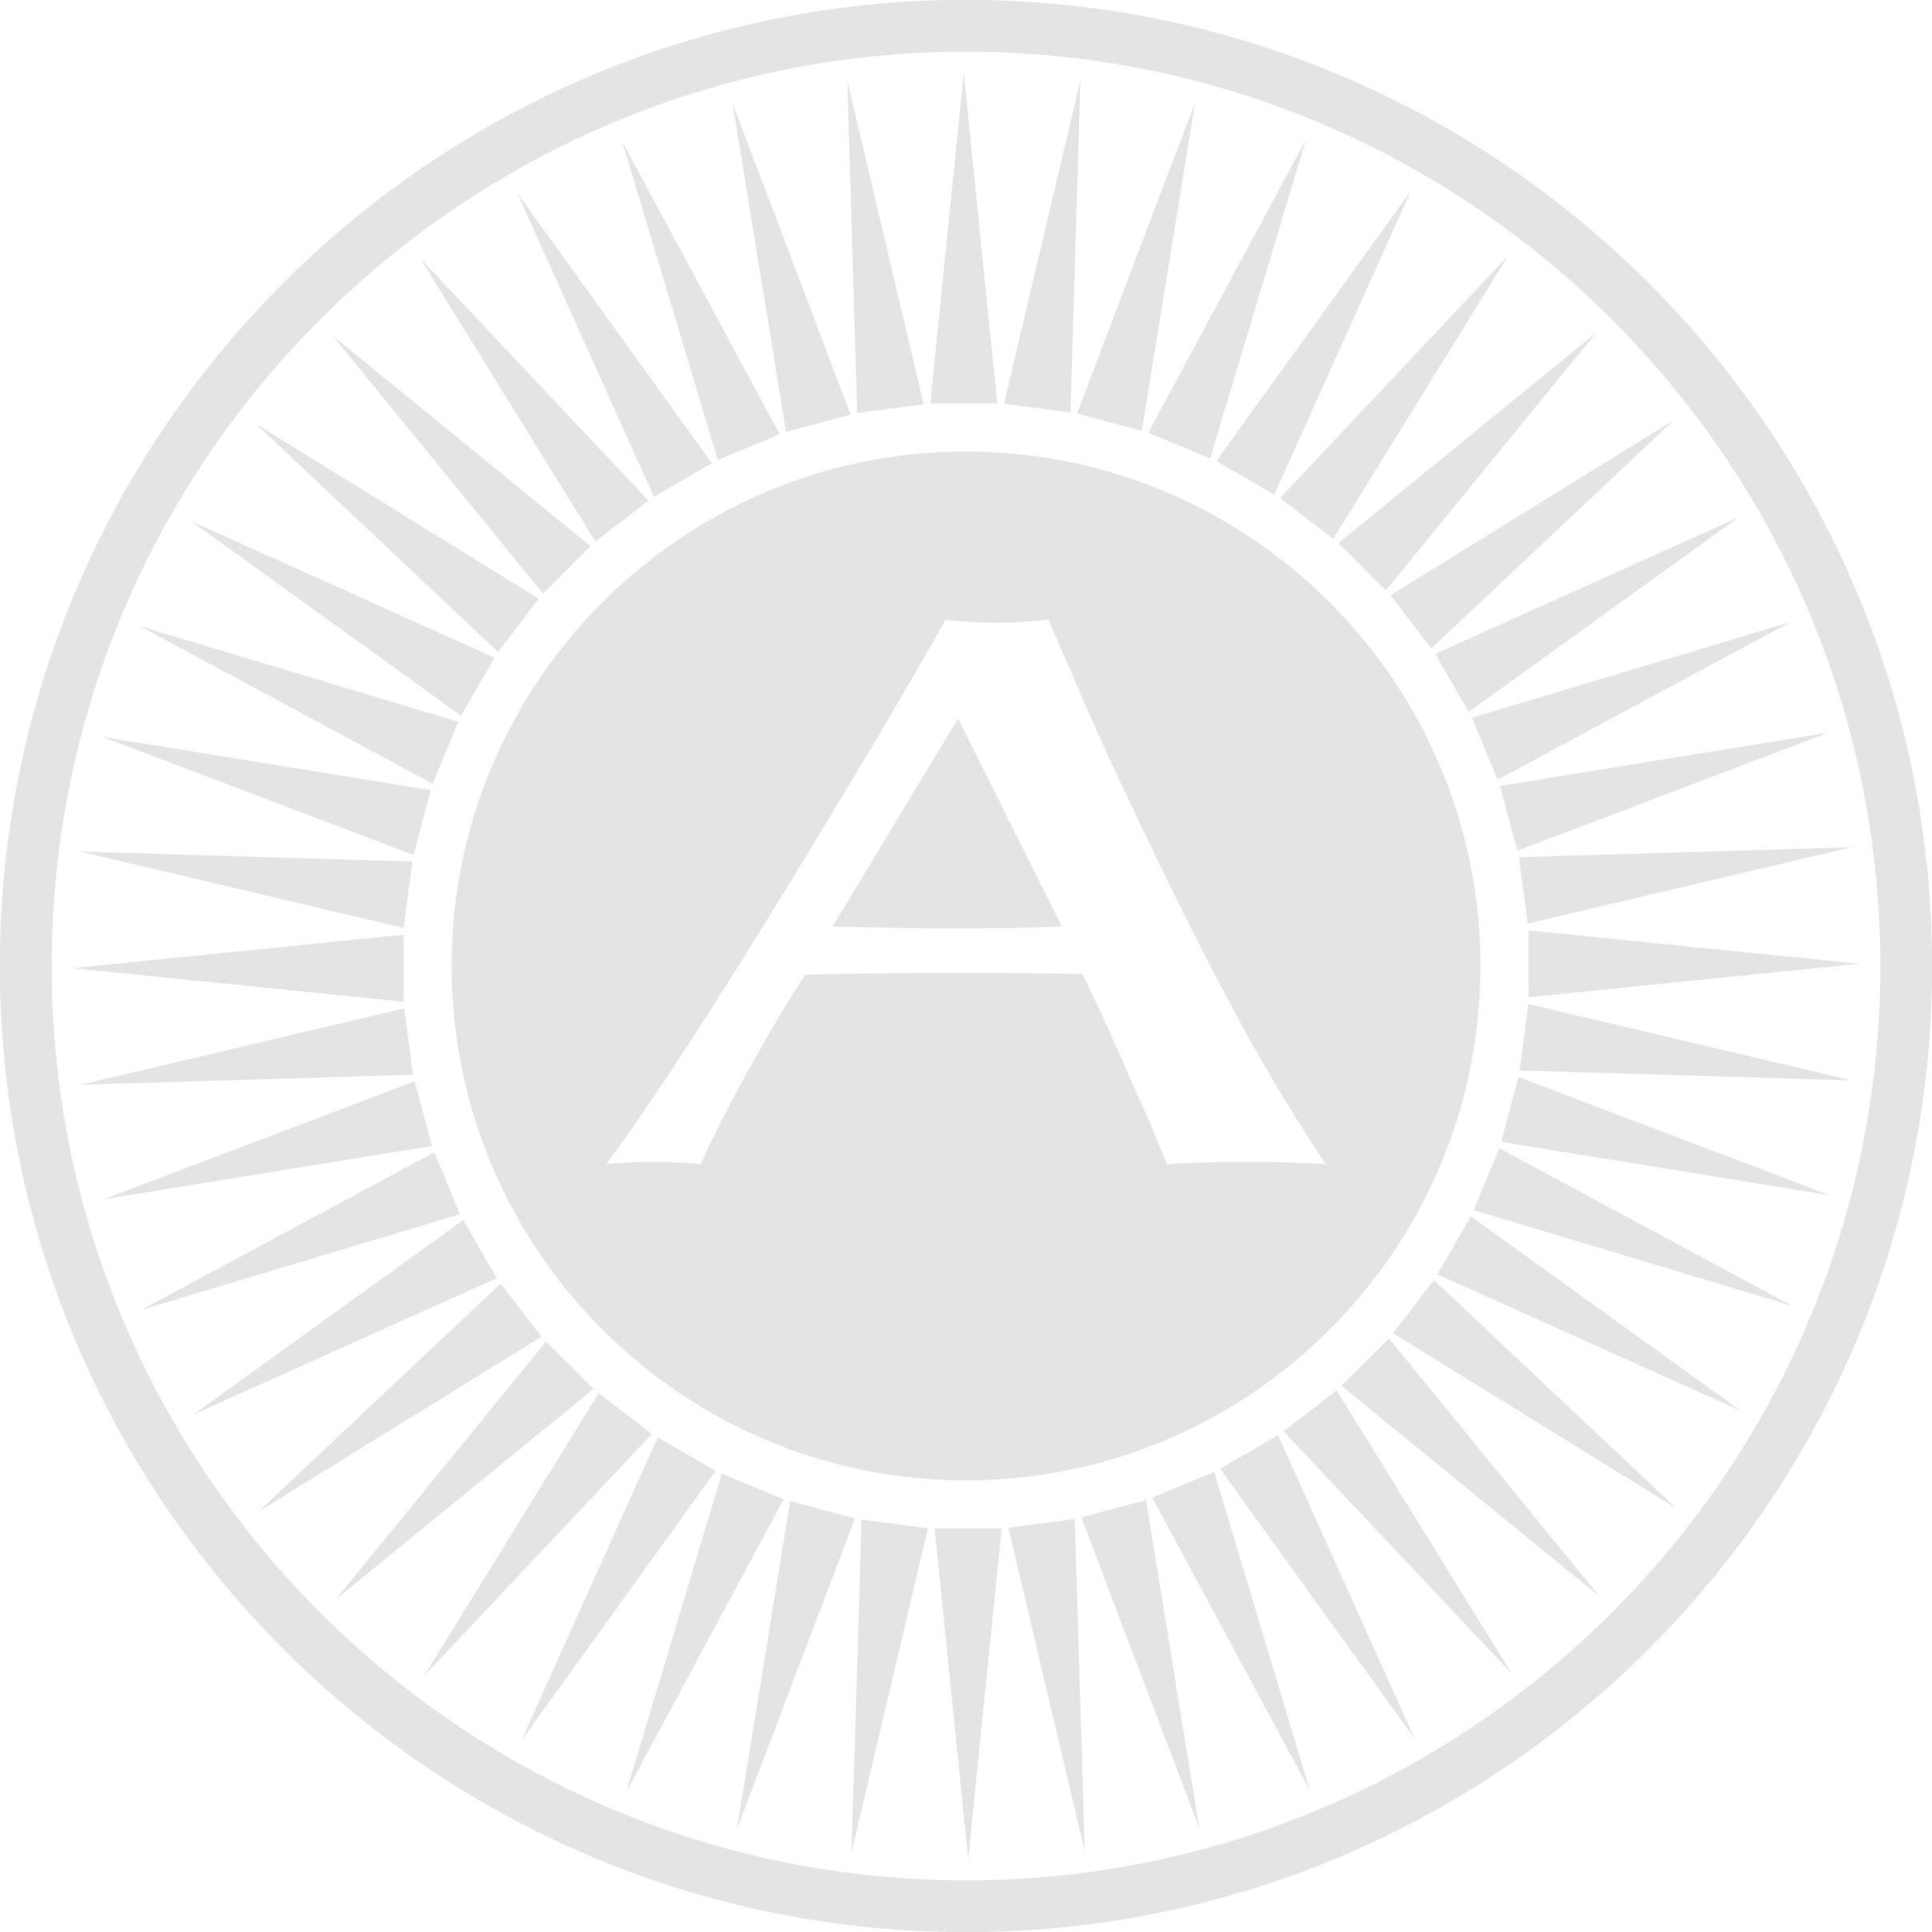 Azzaro Couture - Azzaro Vector PNG